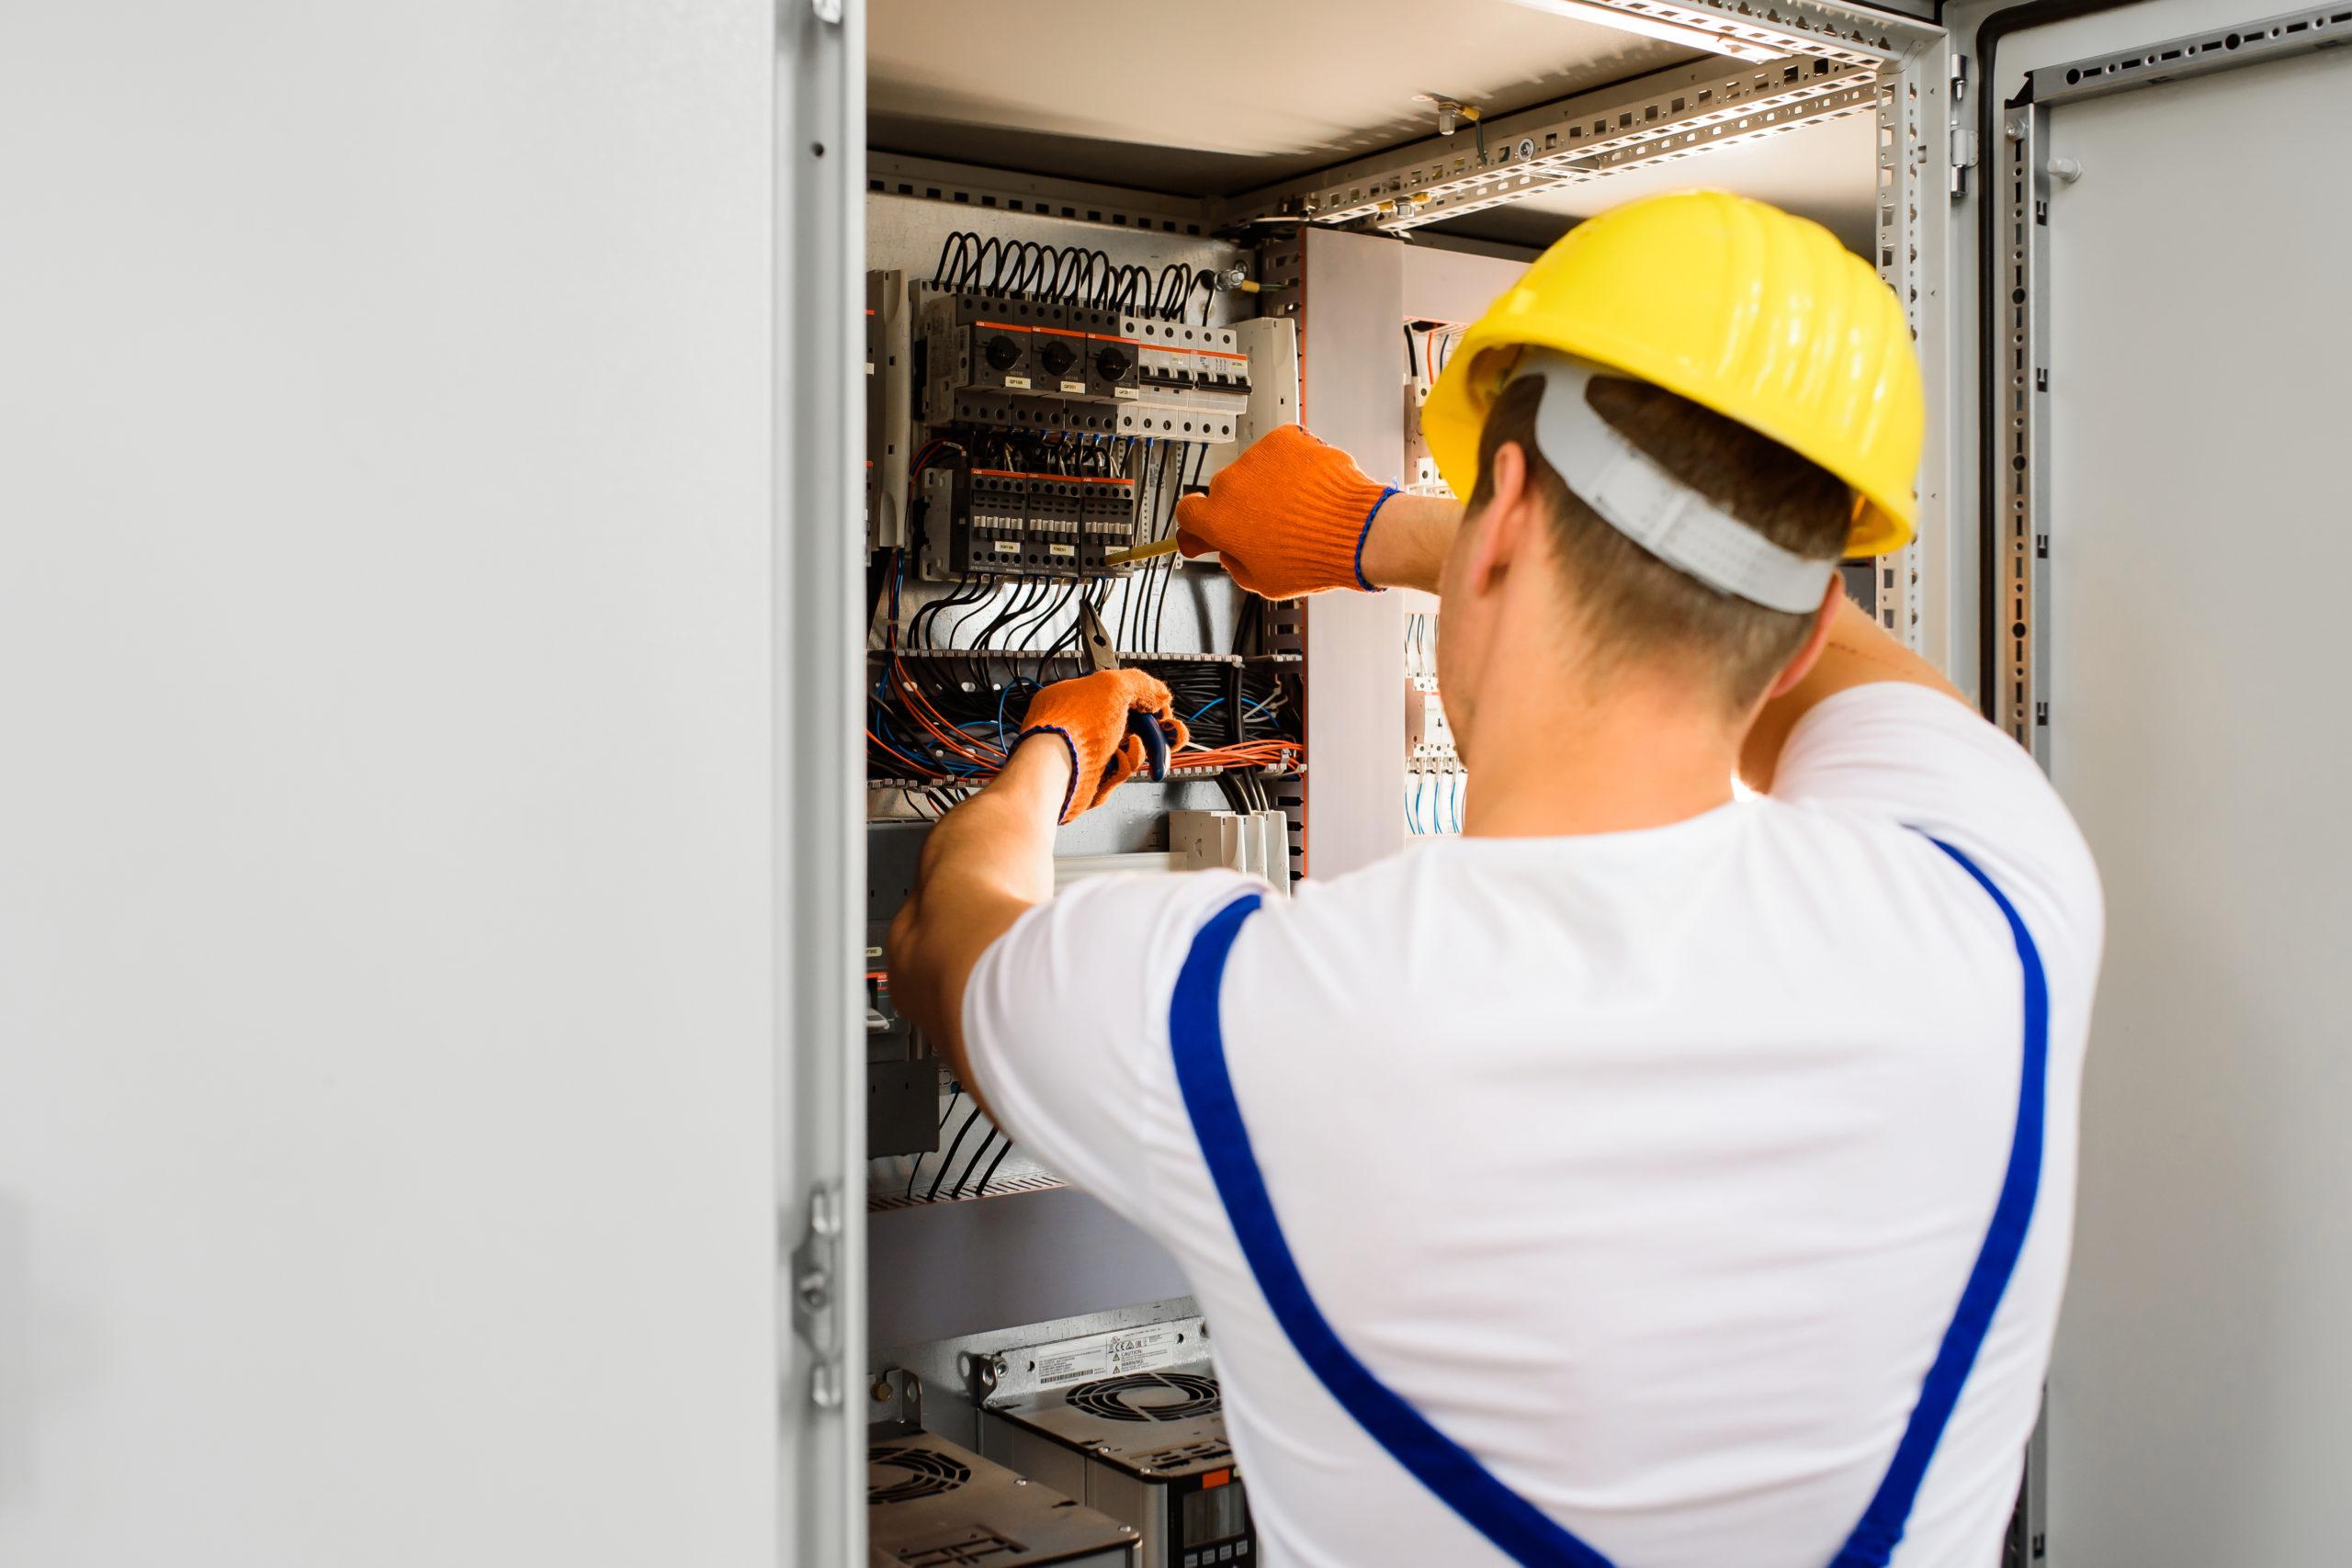 Electro Systems instalacje elektryczne